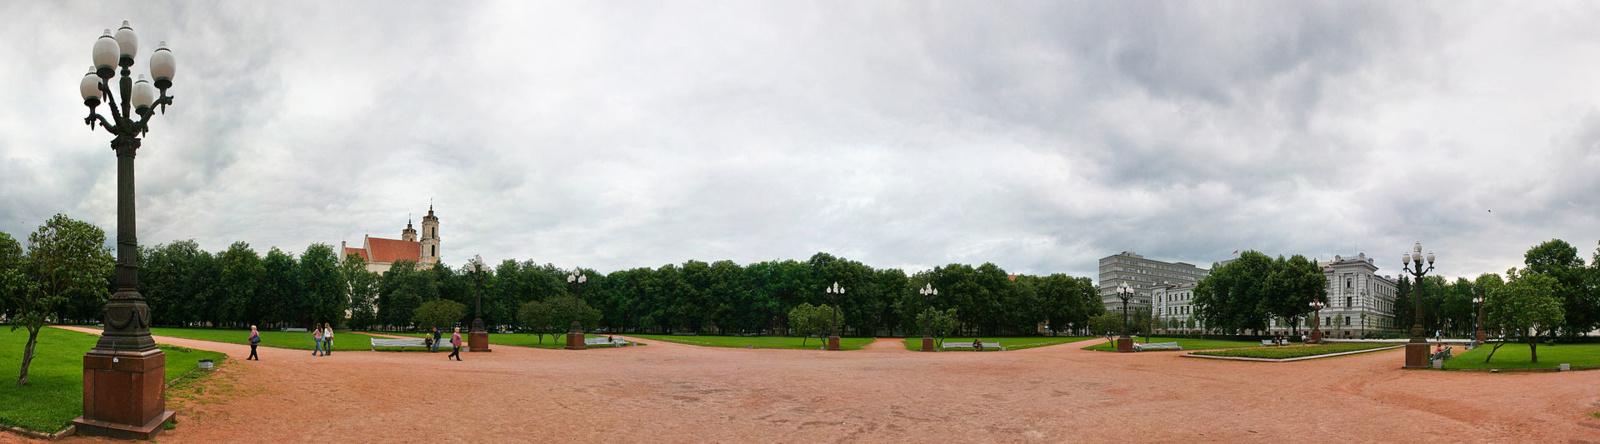 Vilniaus valdžia ketina restauruoti Lukiškių aikštės šviestuvus